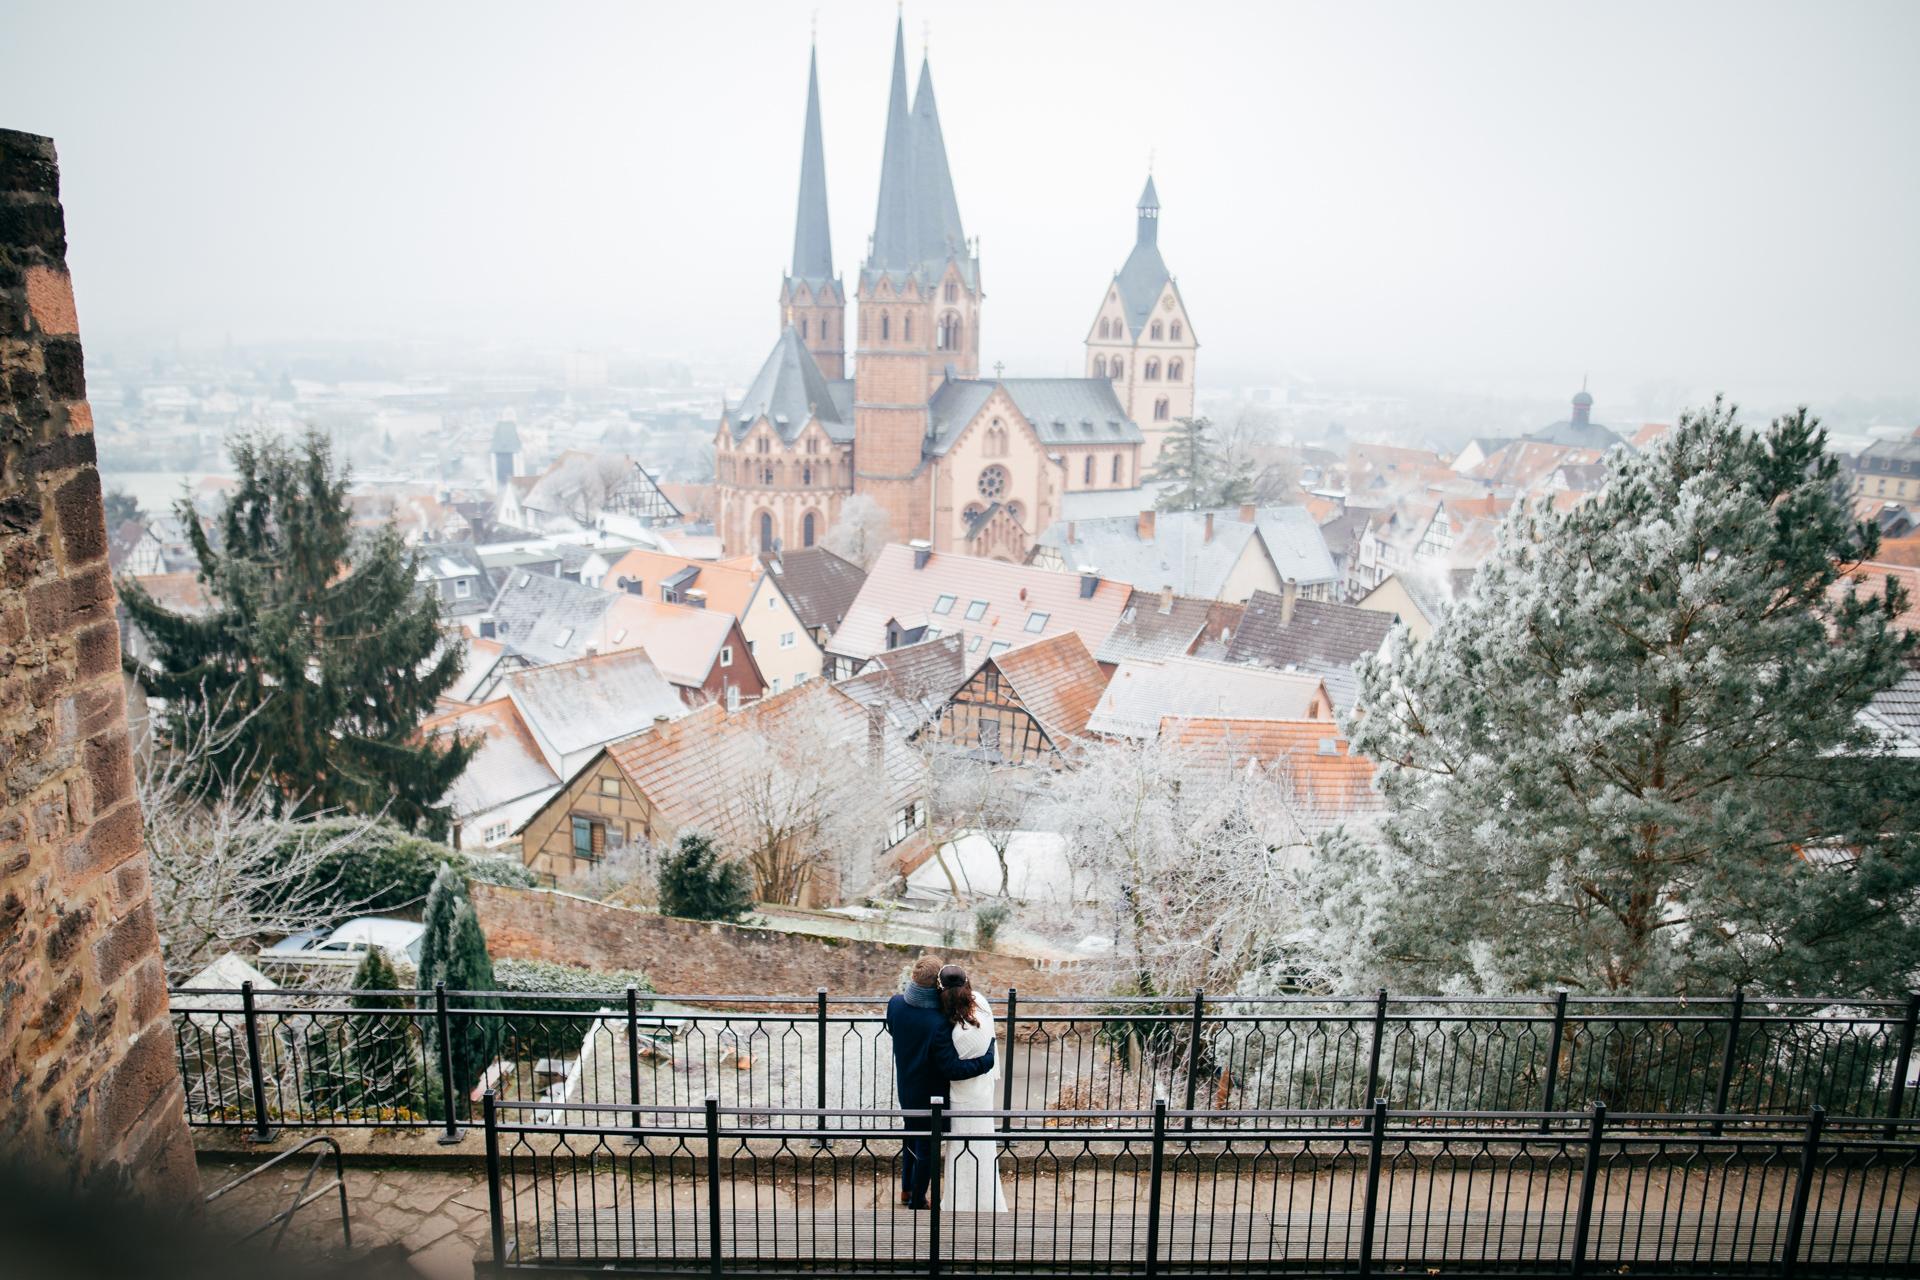 Eine freie Trauung im Winter